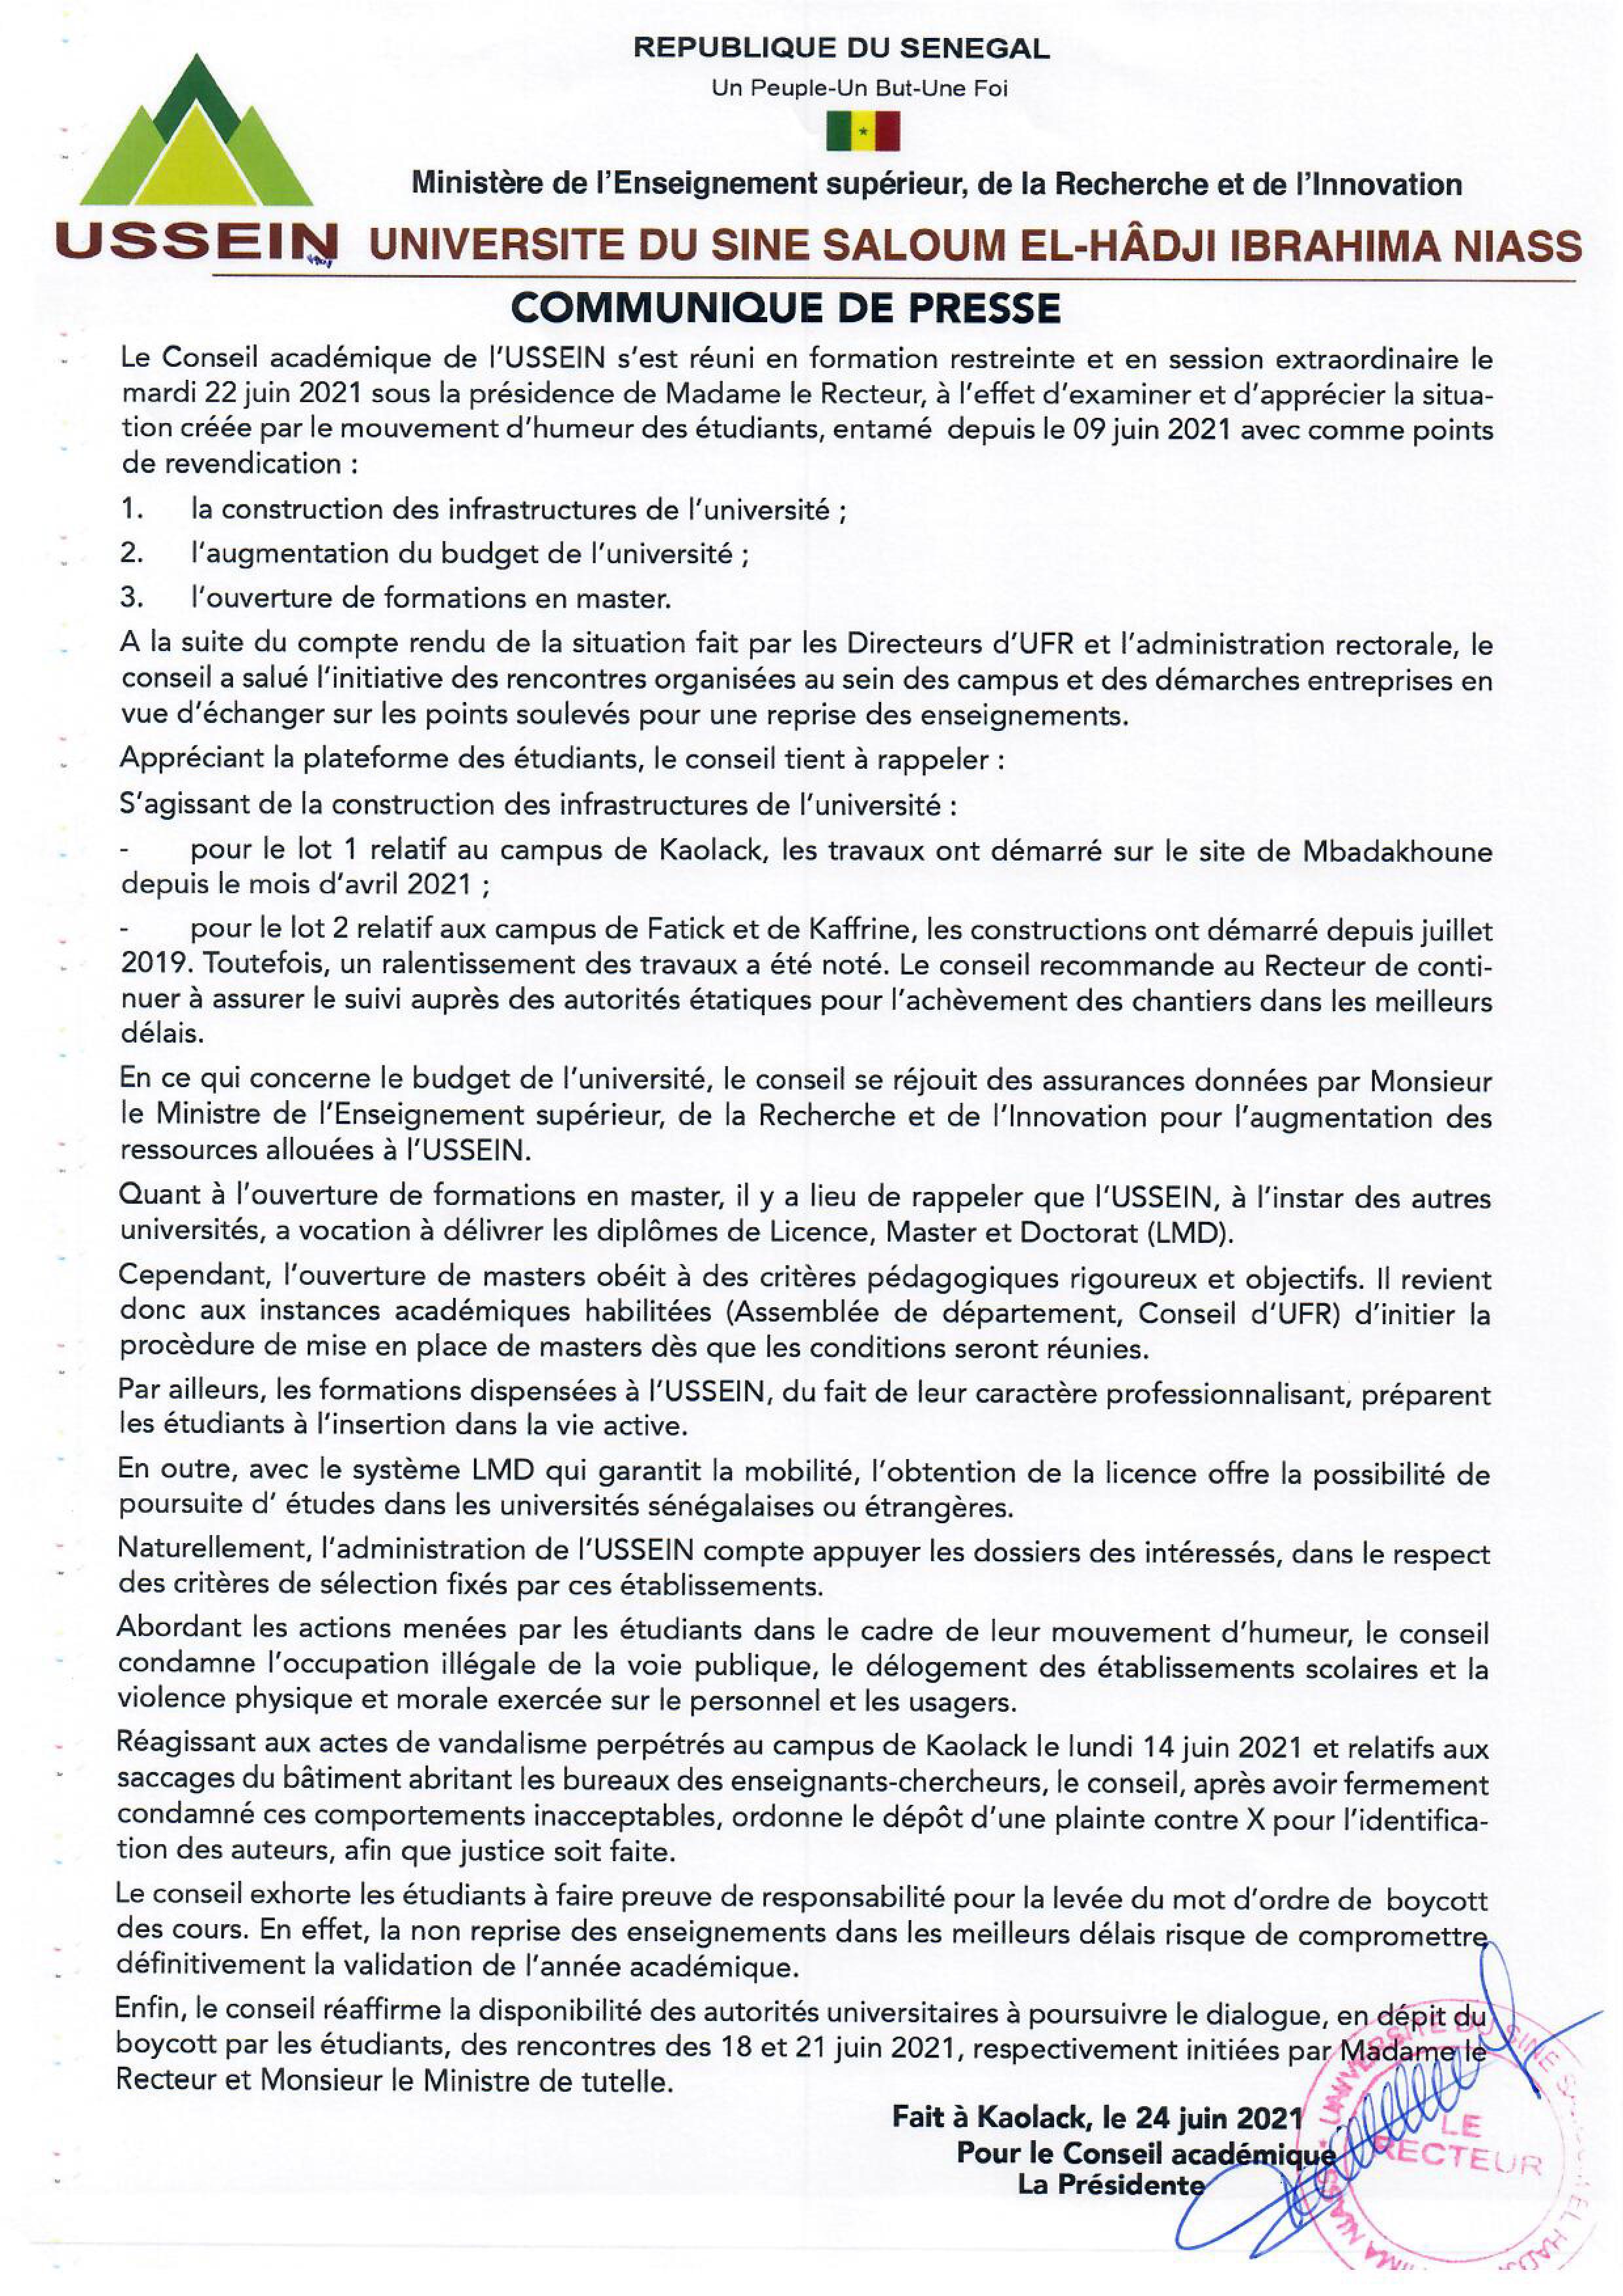 Ussein / Actes de vandalisme perpétrés au campus de Kaolack : Le conseil académique ordonne le dépôt d'une plainte contre X. (DOCUMENT)